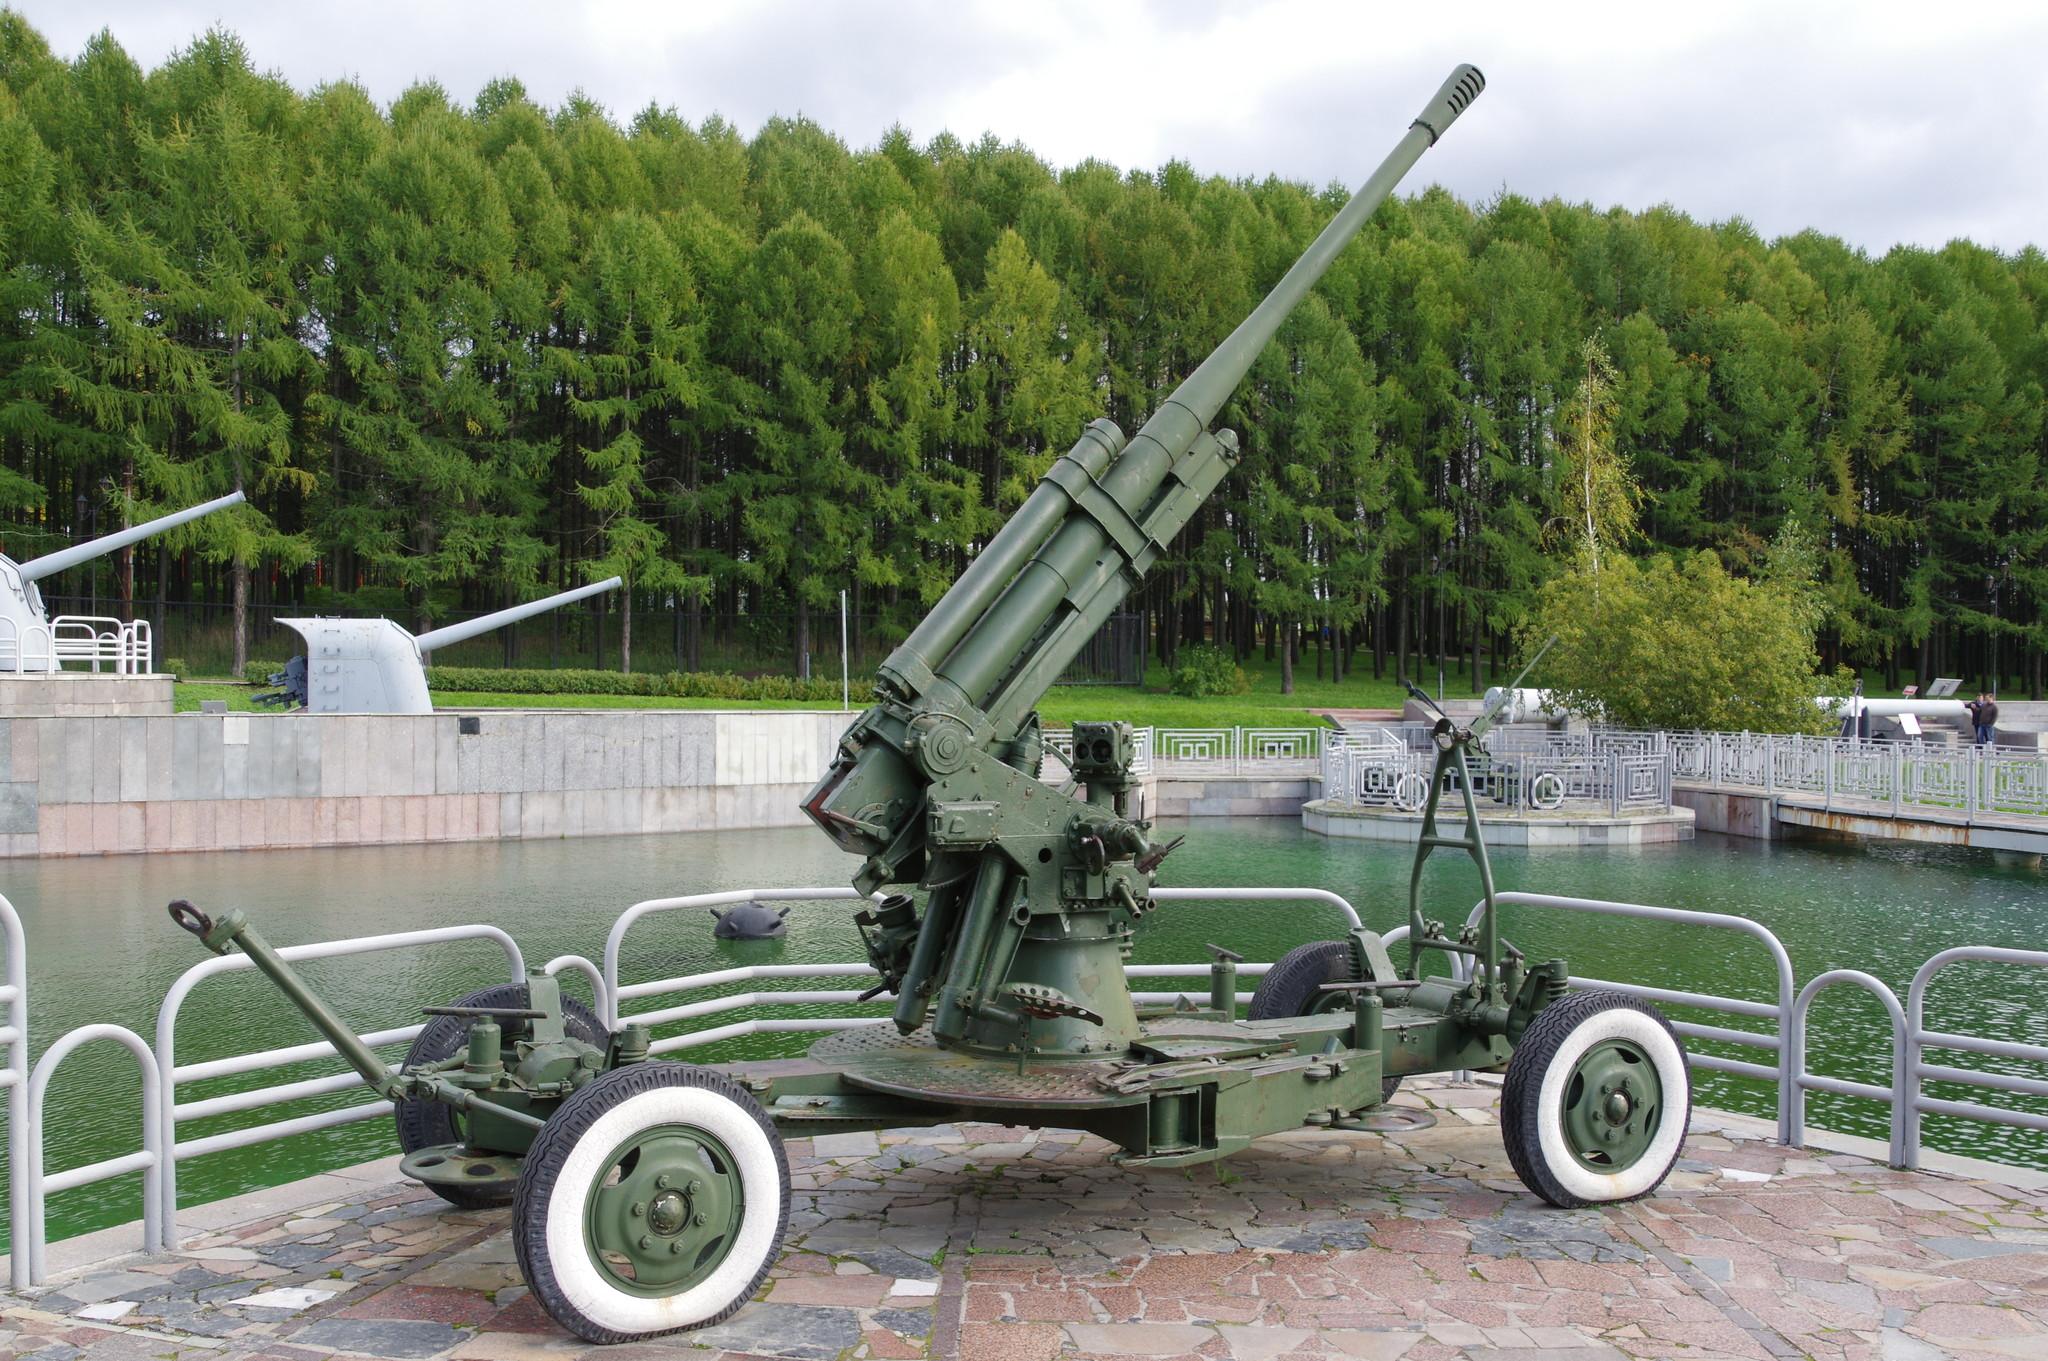 85-мм зенитная пушка образца 1939 года (52-К) в экспозиции Центрального музея Великой Отечественной войны 1941-1945 гг.